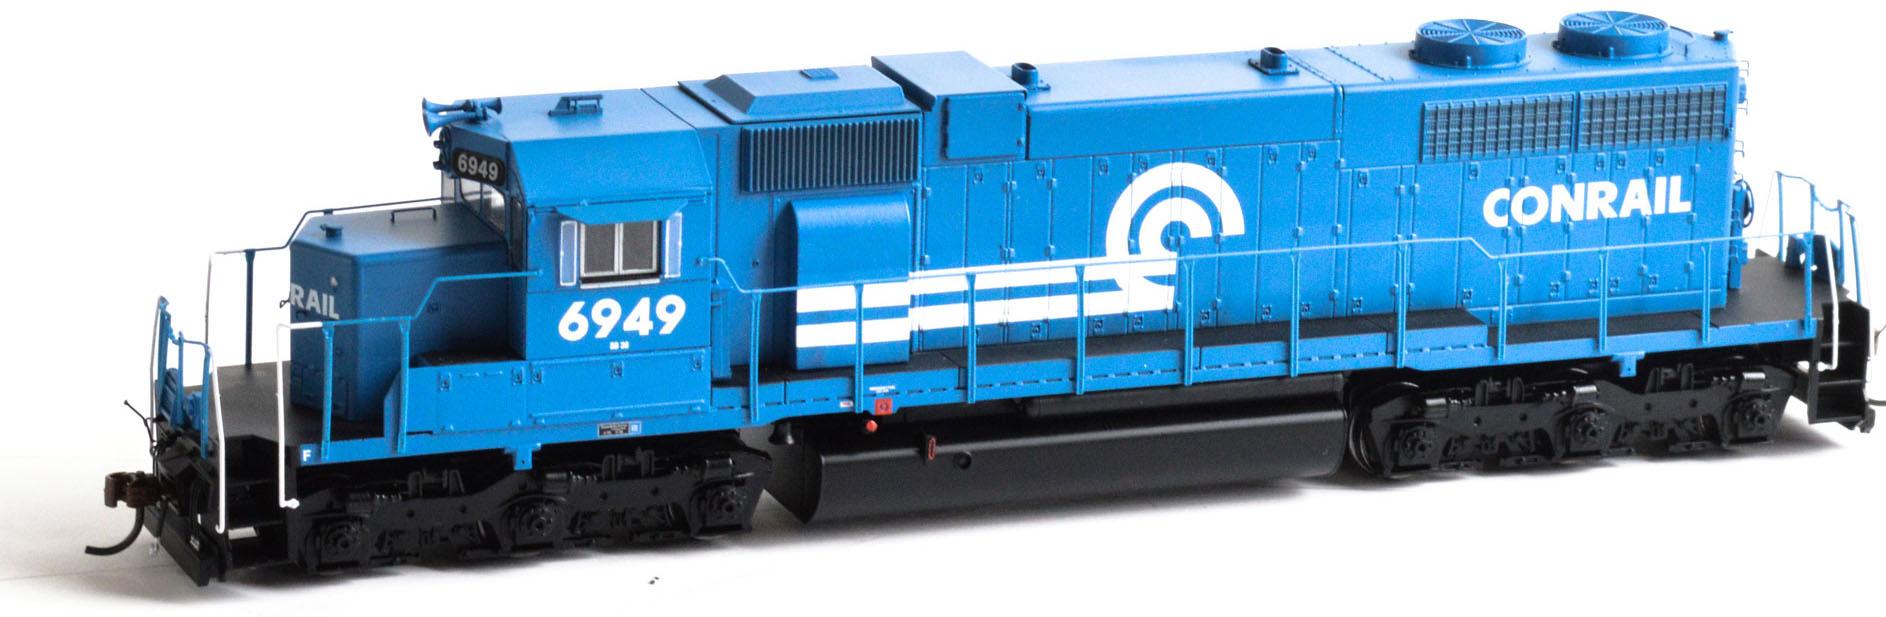 Athearn HO Scale EMD SD38 Diesel Locomotive Conrail/CR  blu   6949